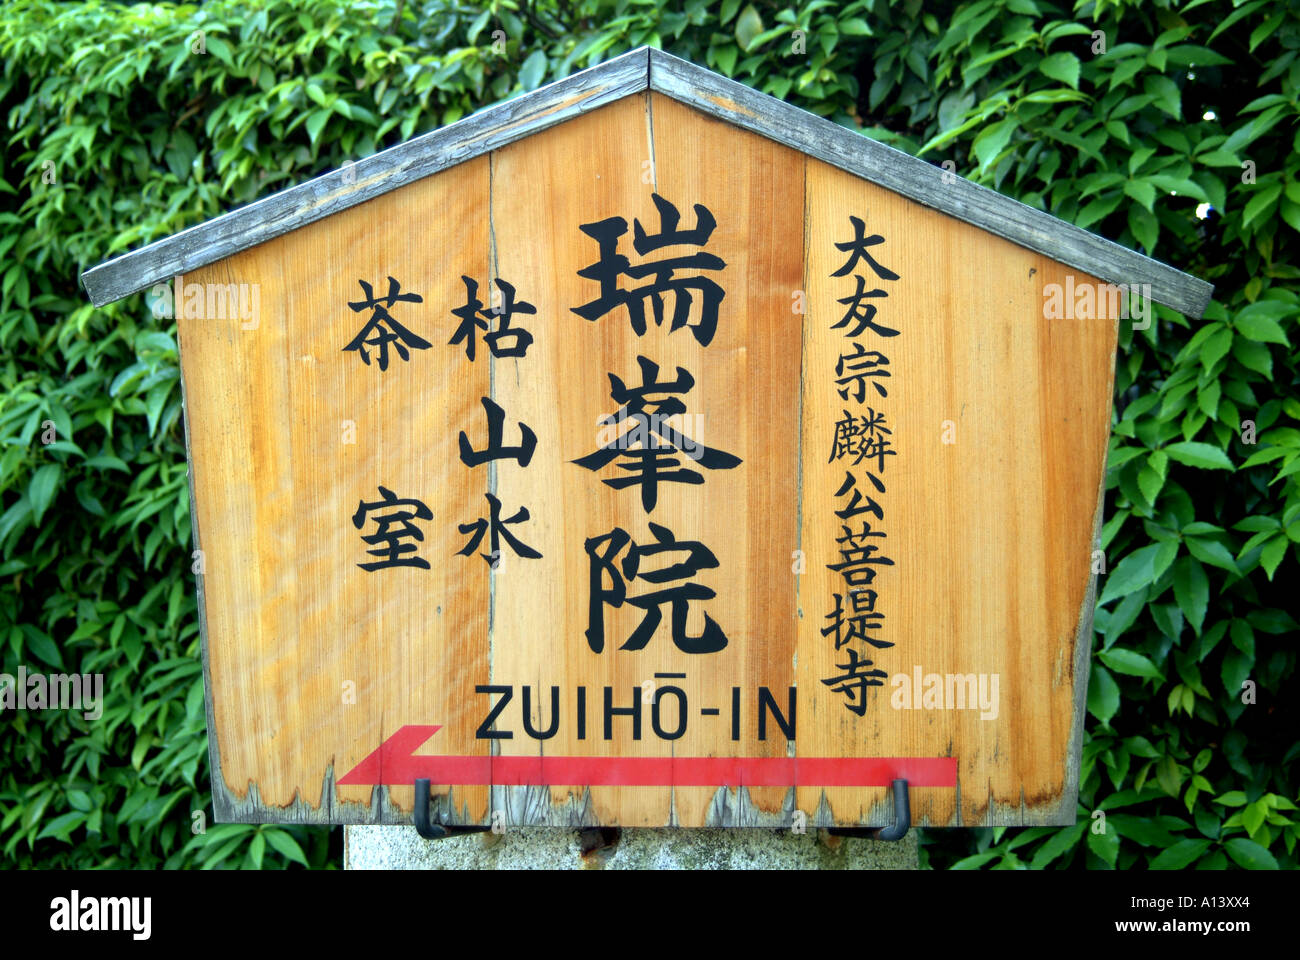 Zuiho-in sign at Daitokuji Temple Kyoto Japan - Stock Image